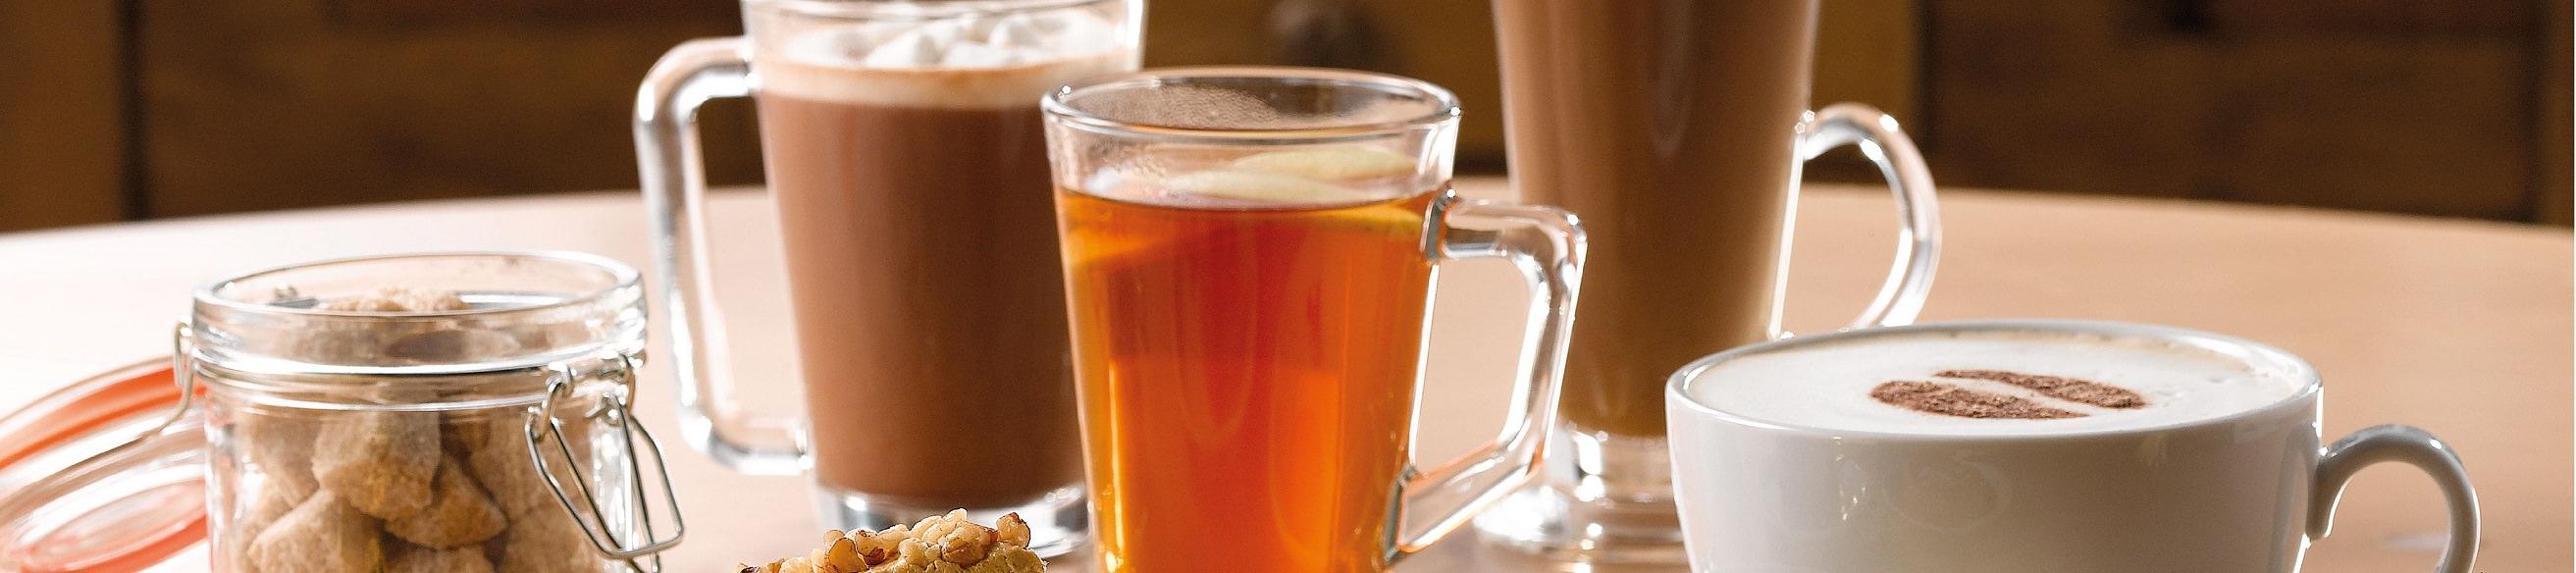 Beverage-01 II